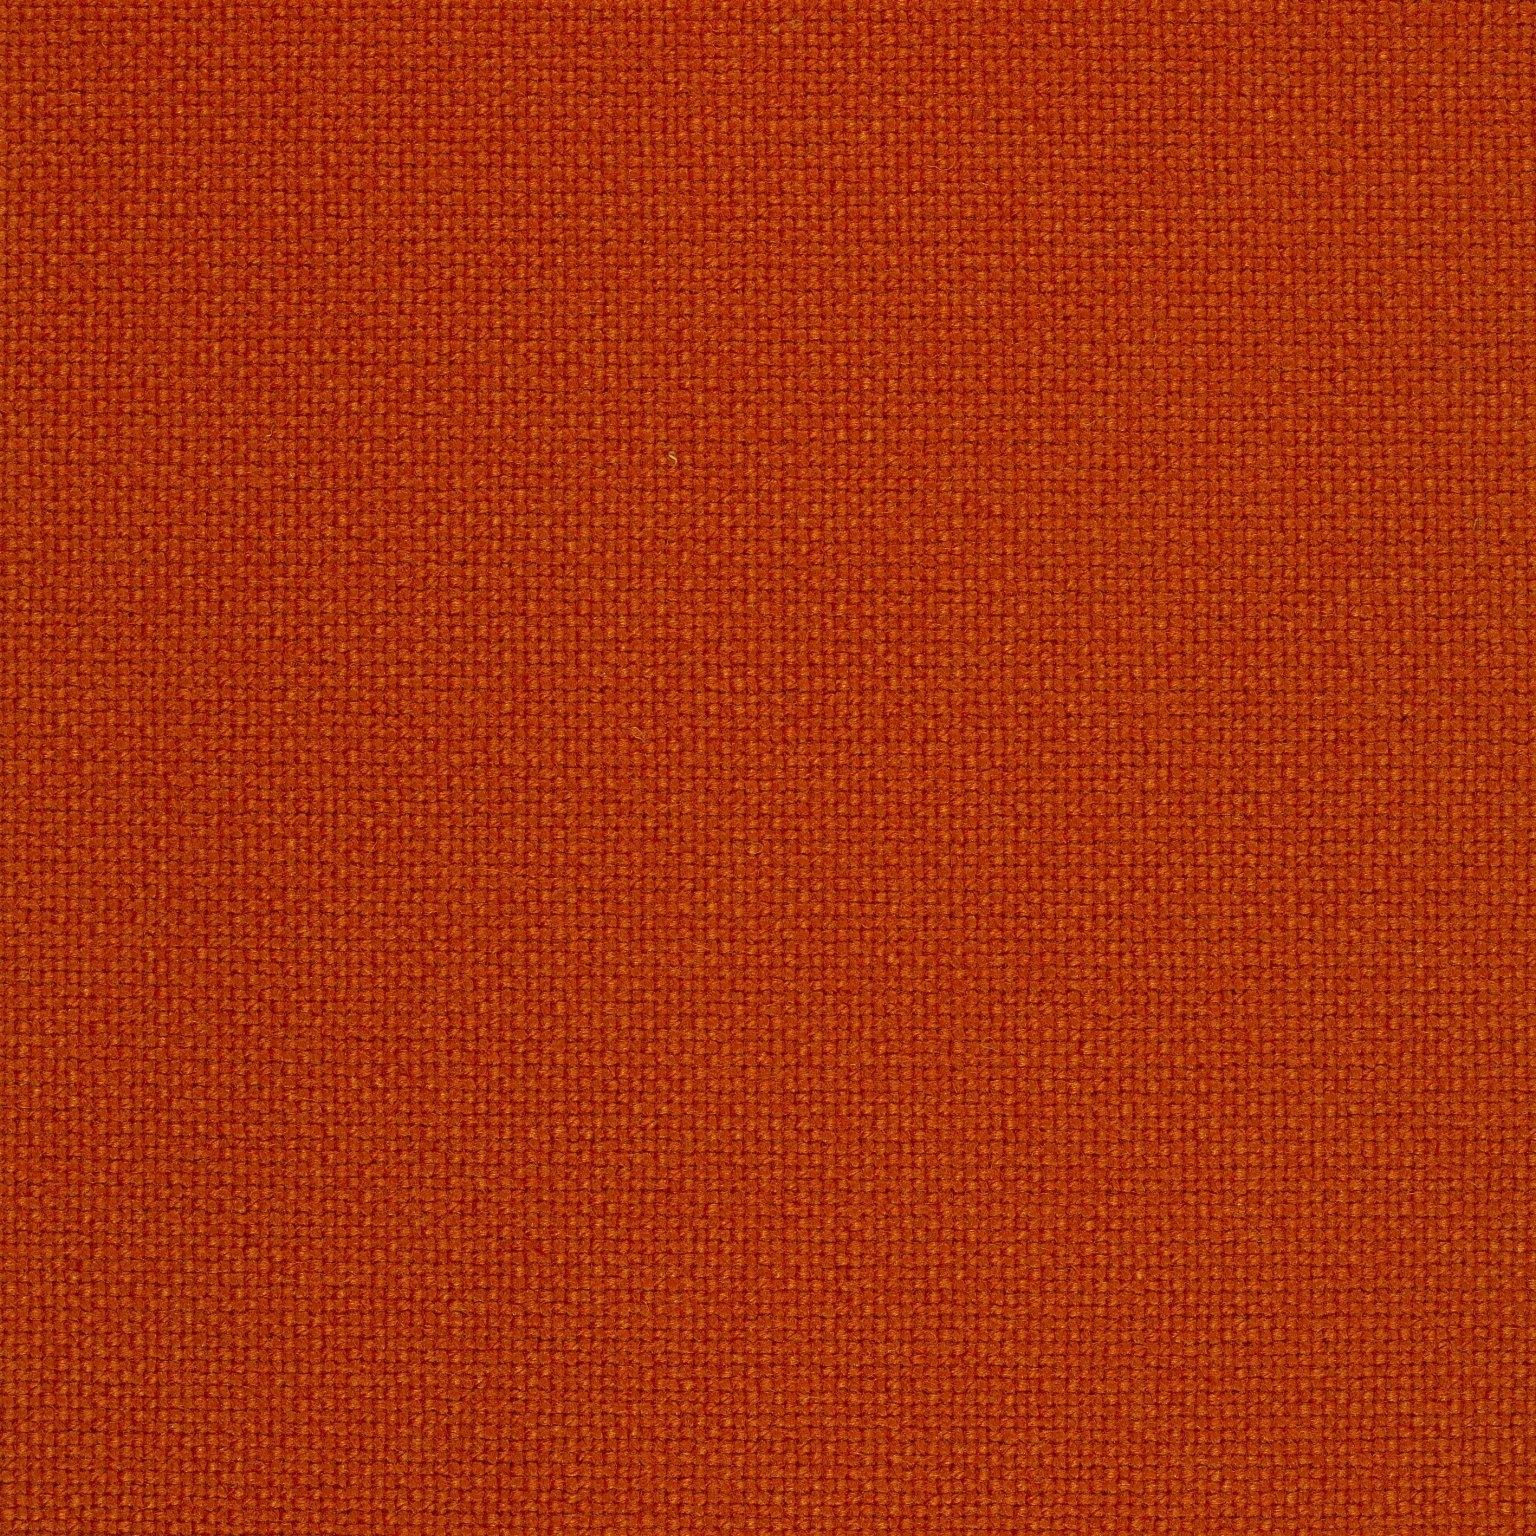 mørk orange hallingdal 65 - 600-0